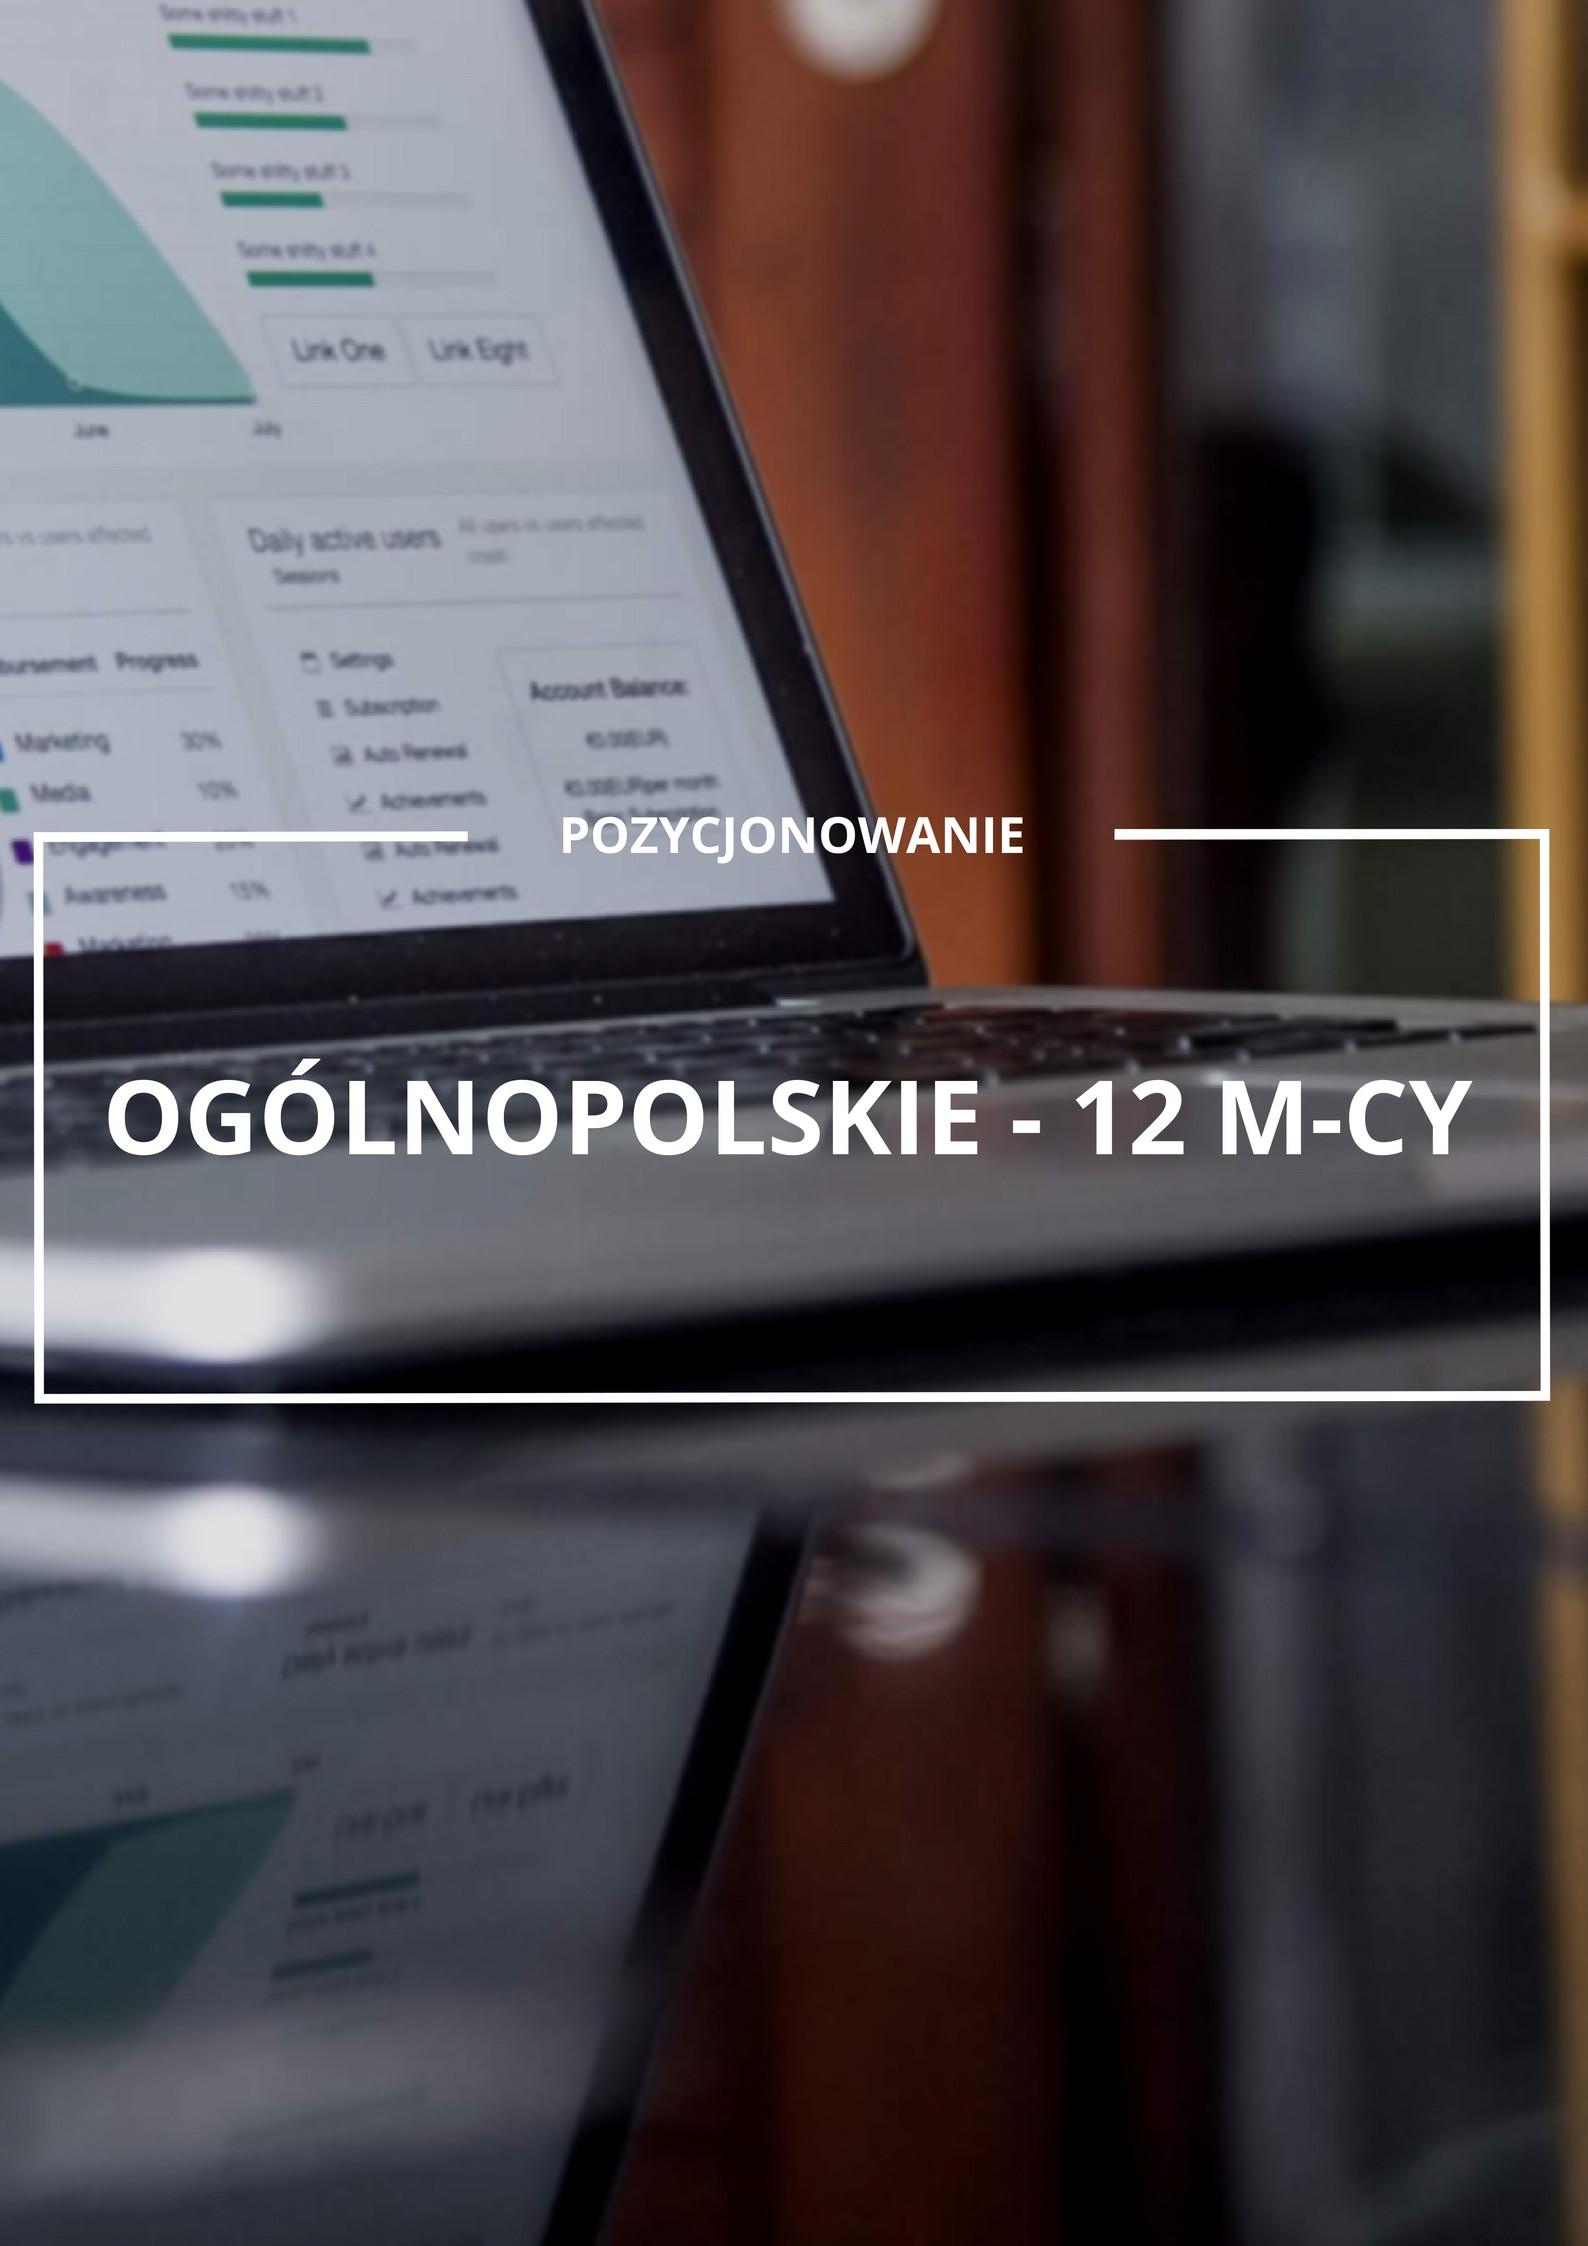 Pozycjonowanie ogólnopolskie 12 m-cy